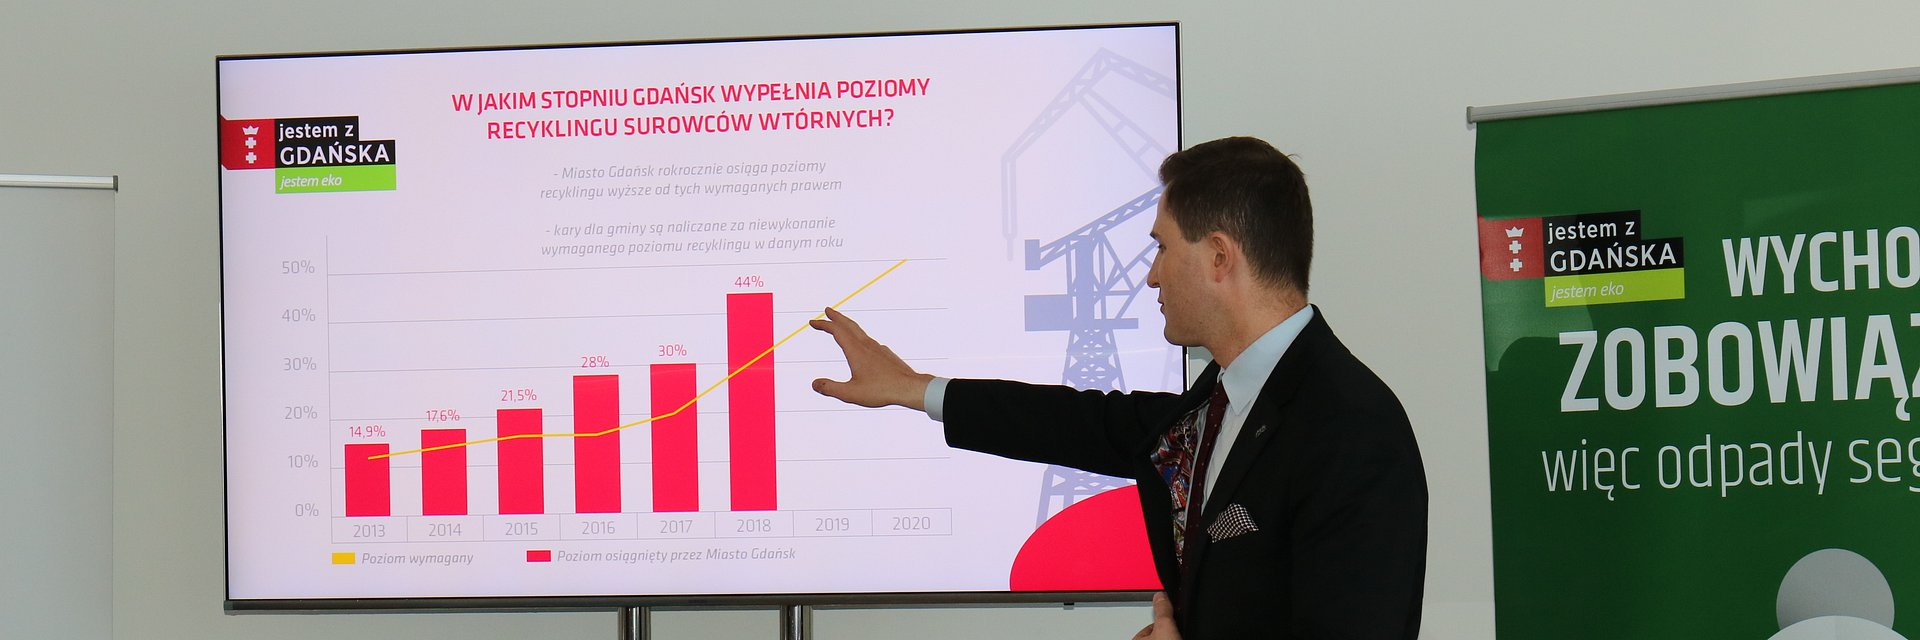 Coraz większe poziomy recyklingu surowców w Gdańsku